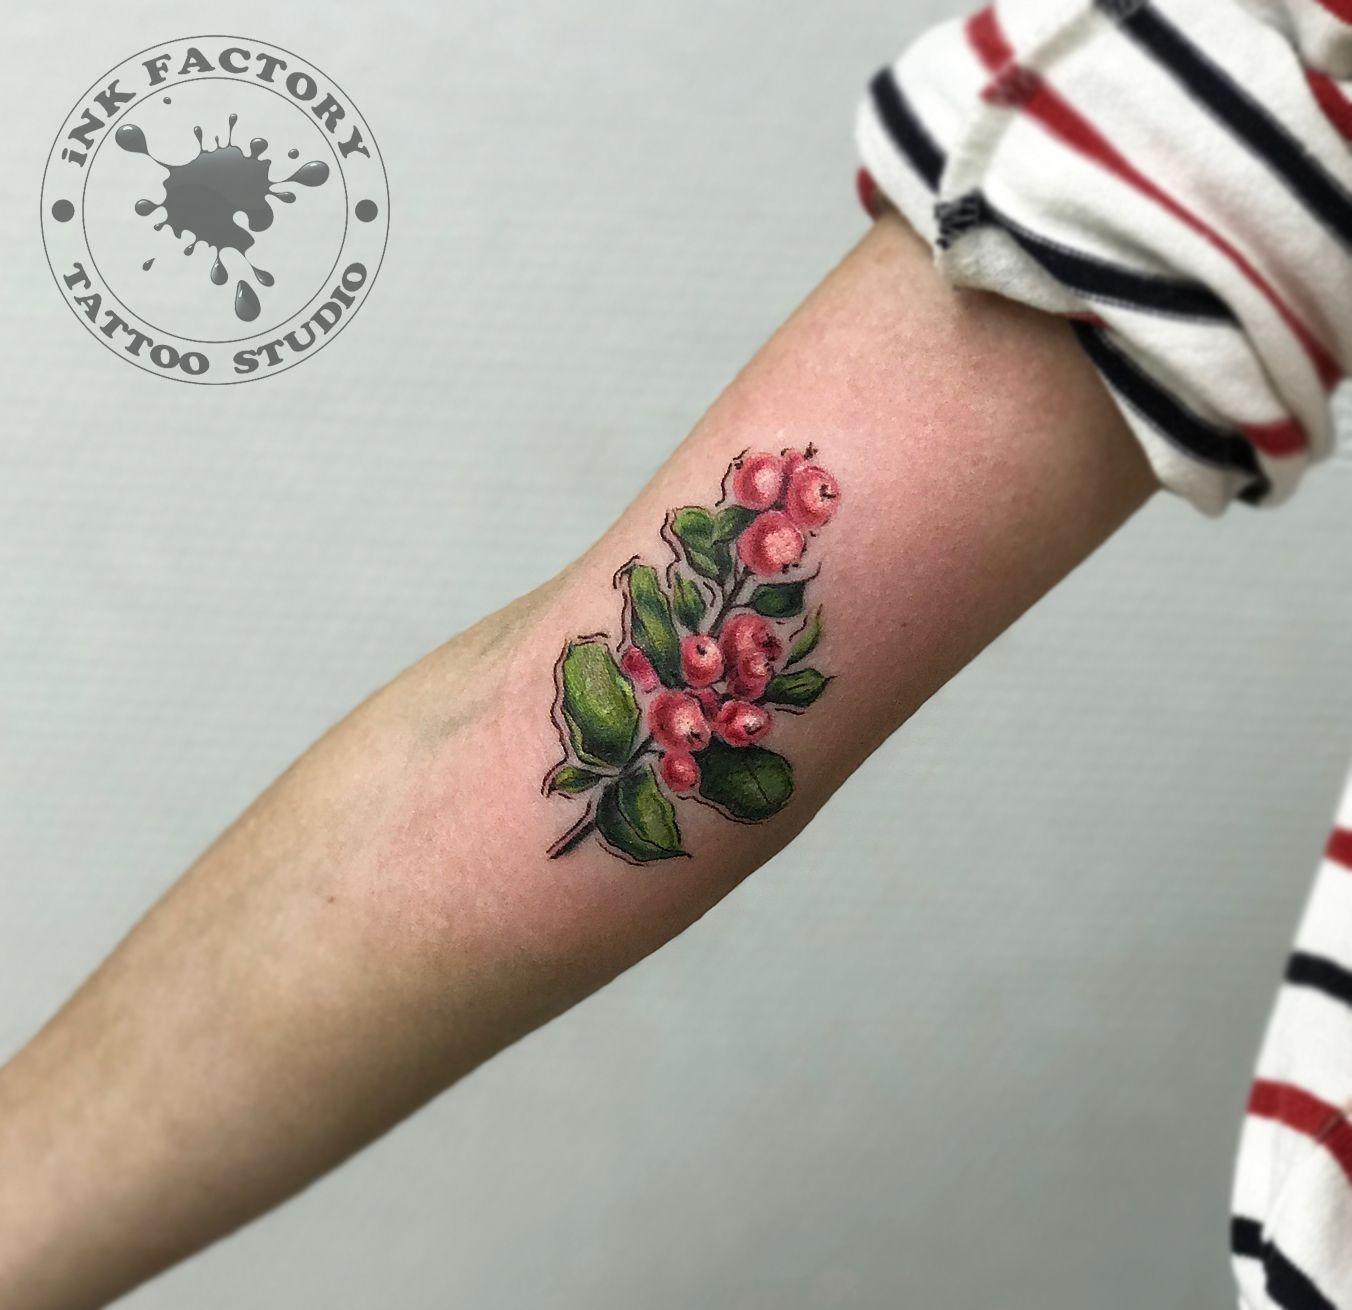 фото тату Волк в славянском стиле тату 421